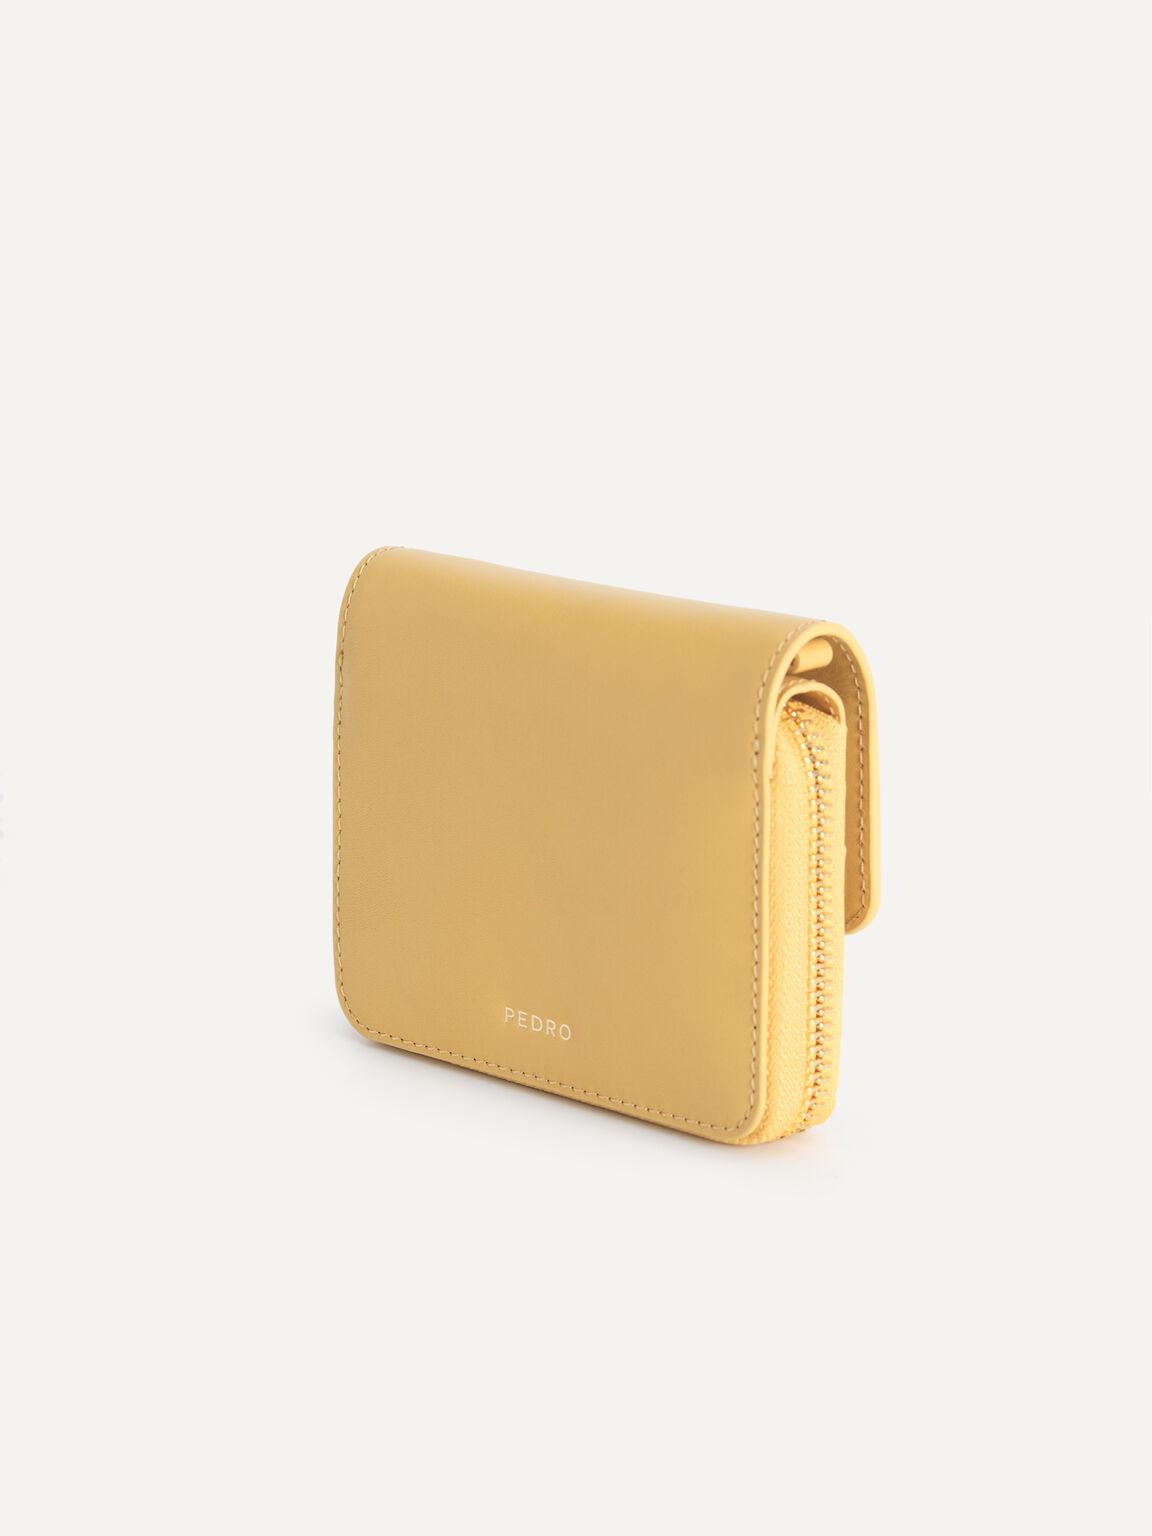 Leather Bi-Fold Wallet, Sand, hi-res